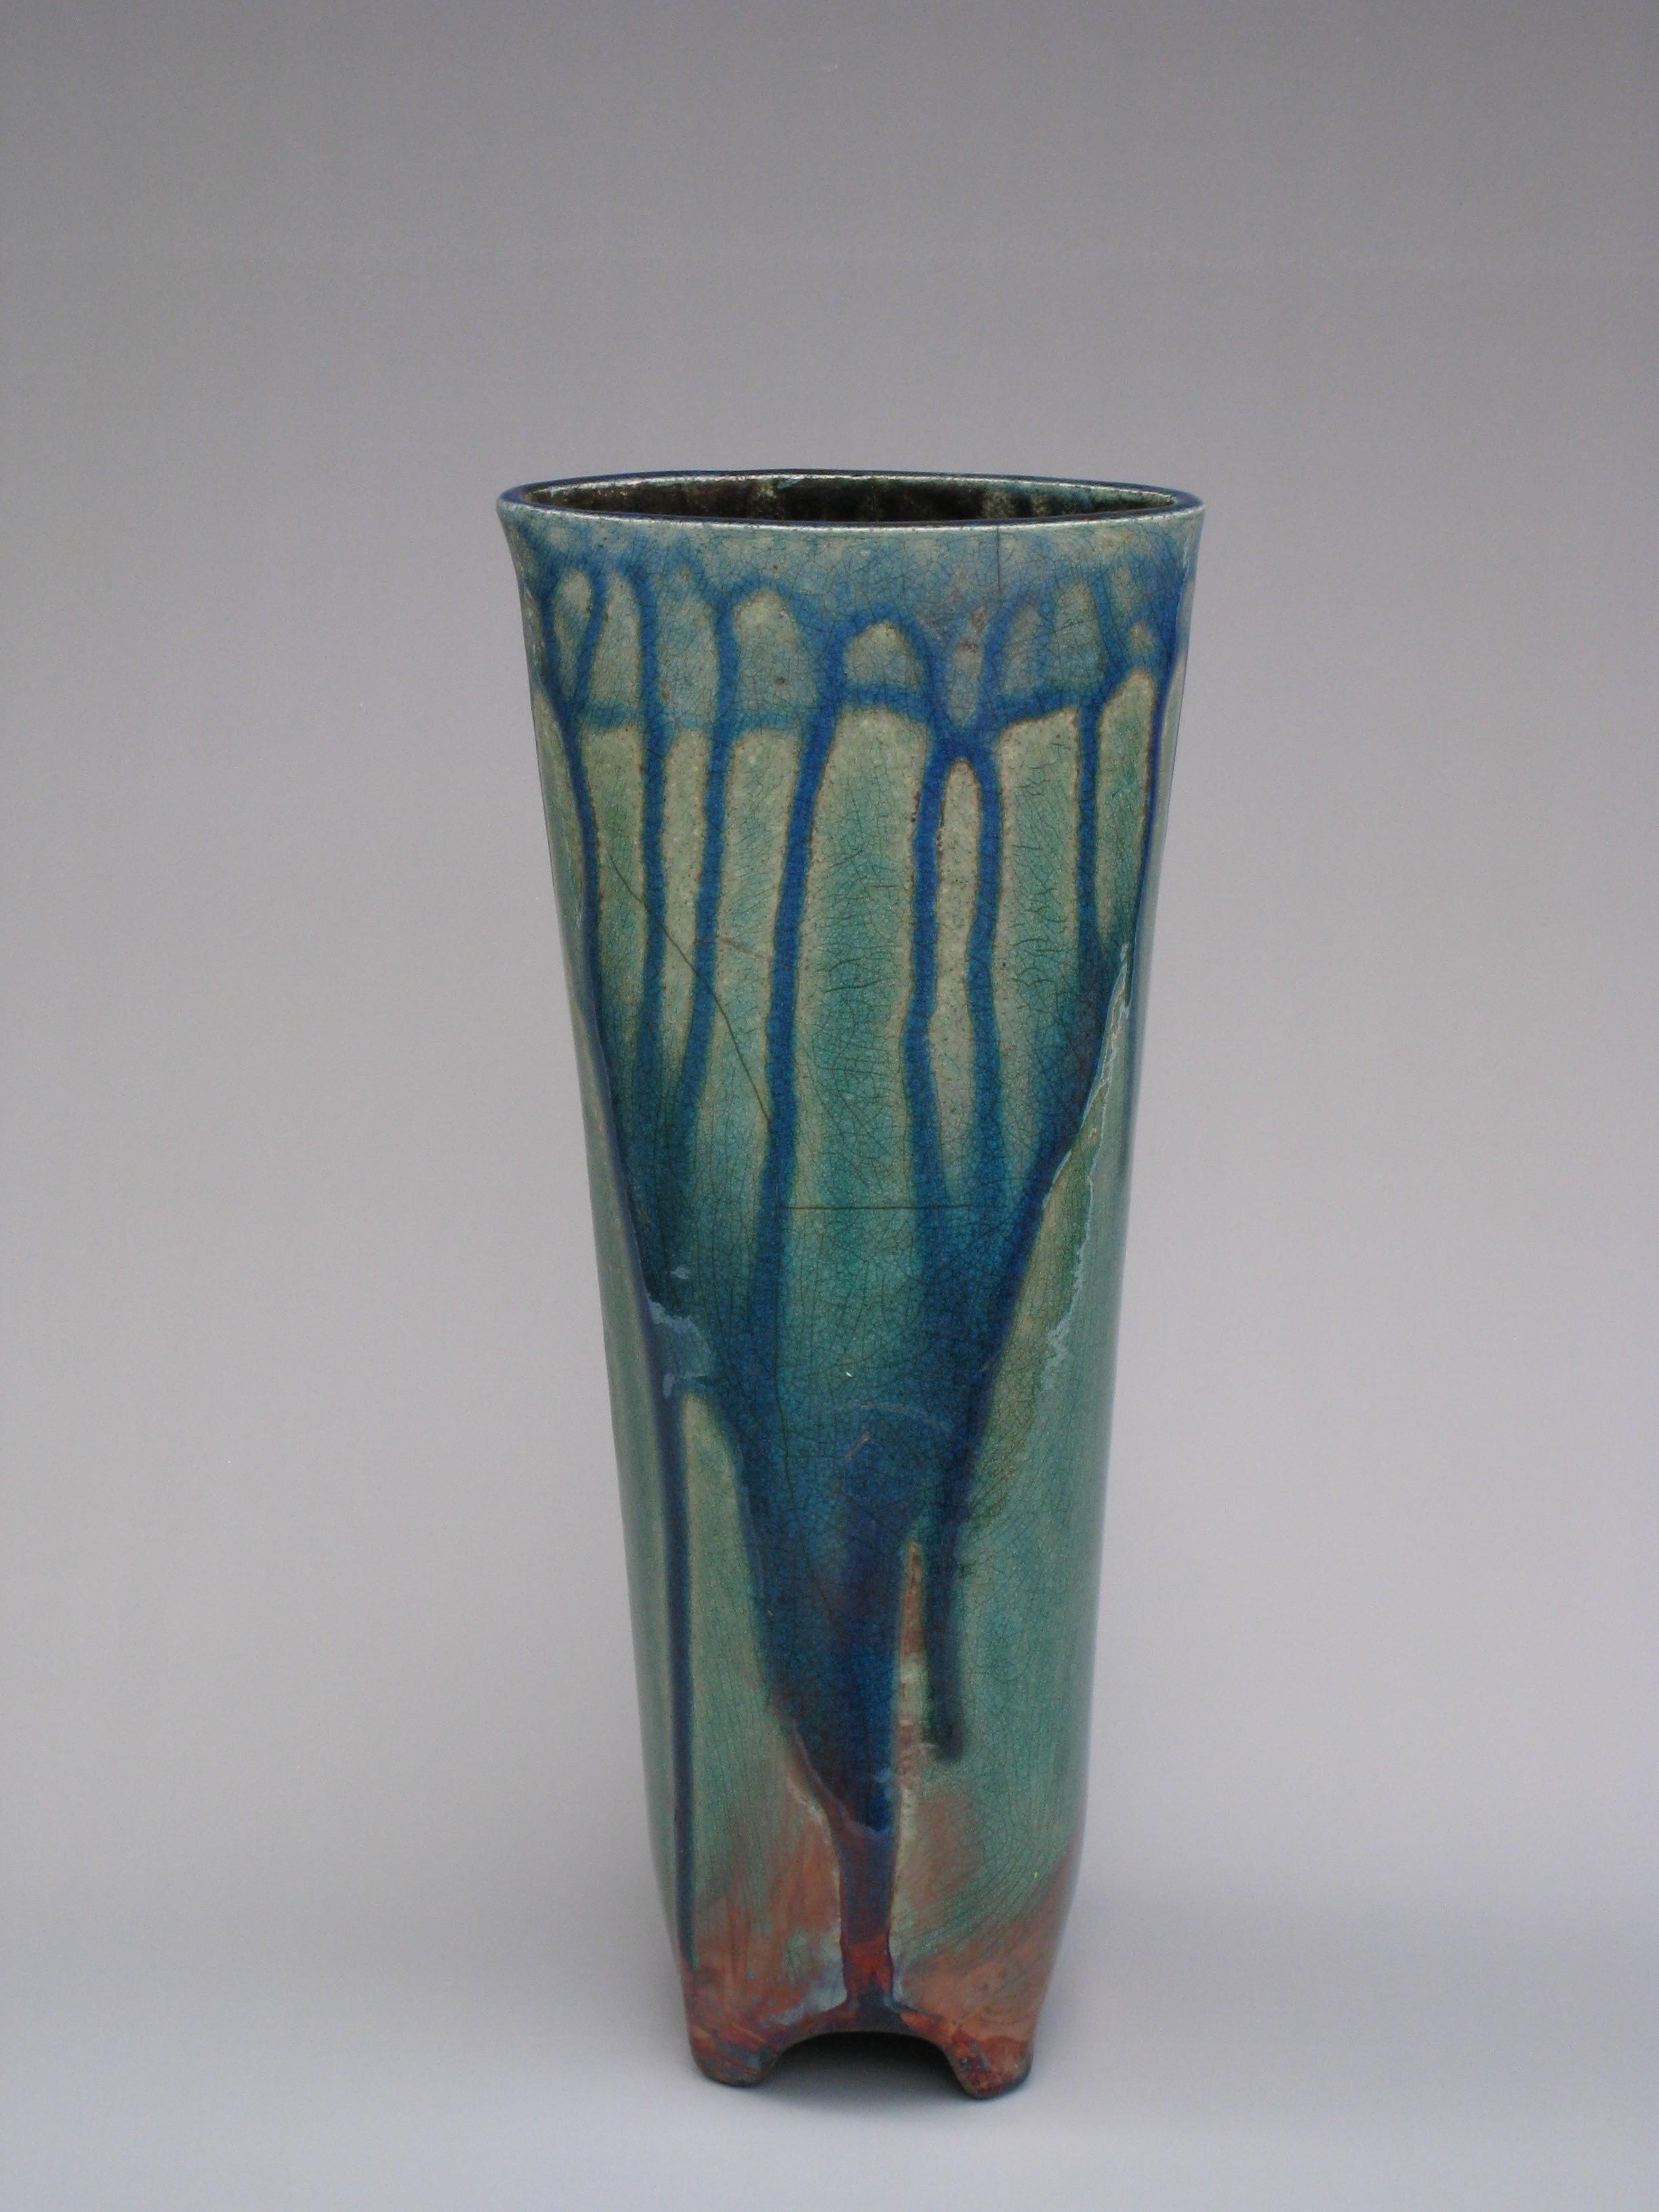 Barrel Footed Vase